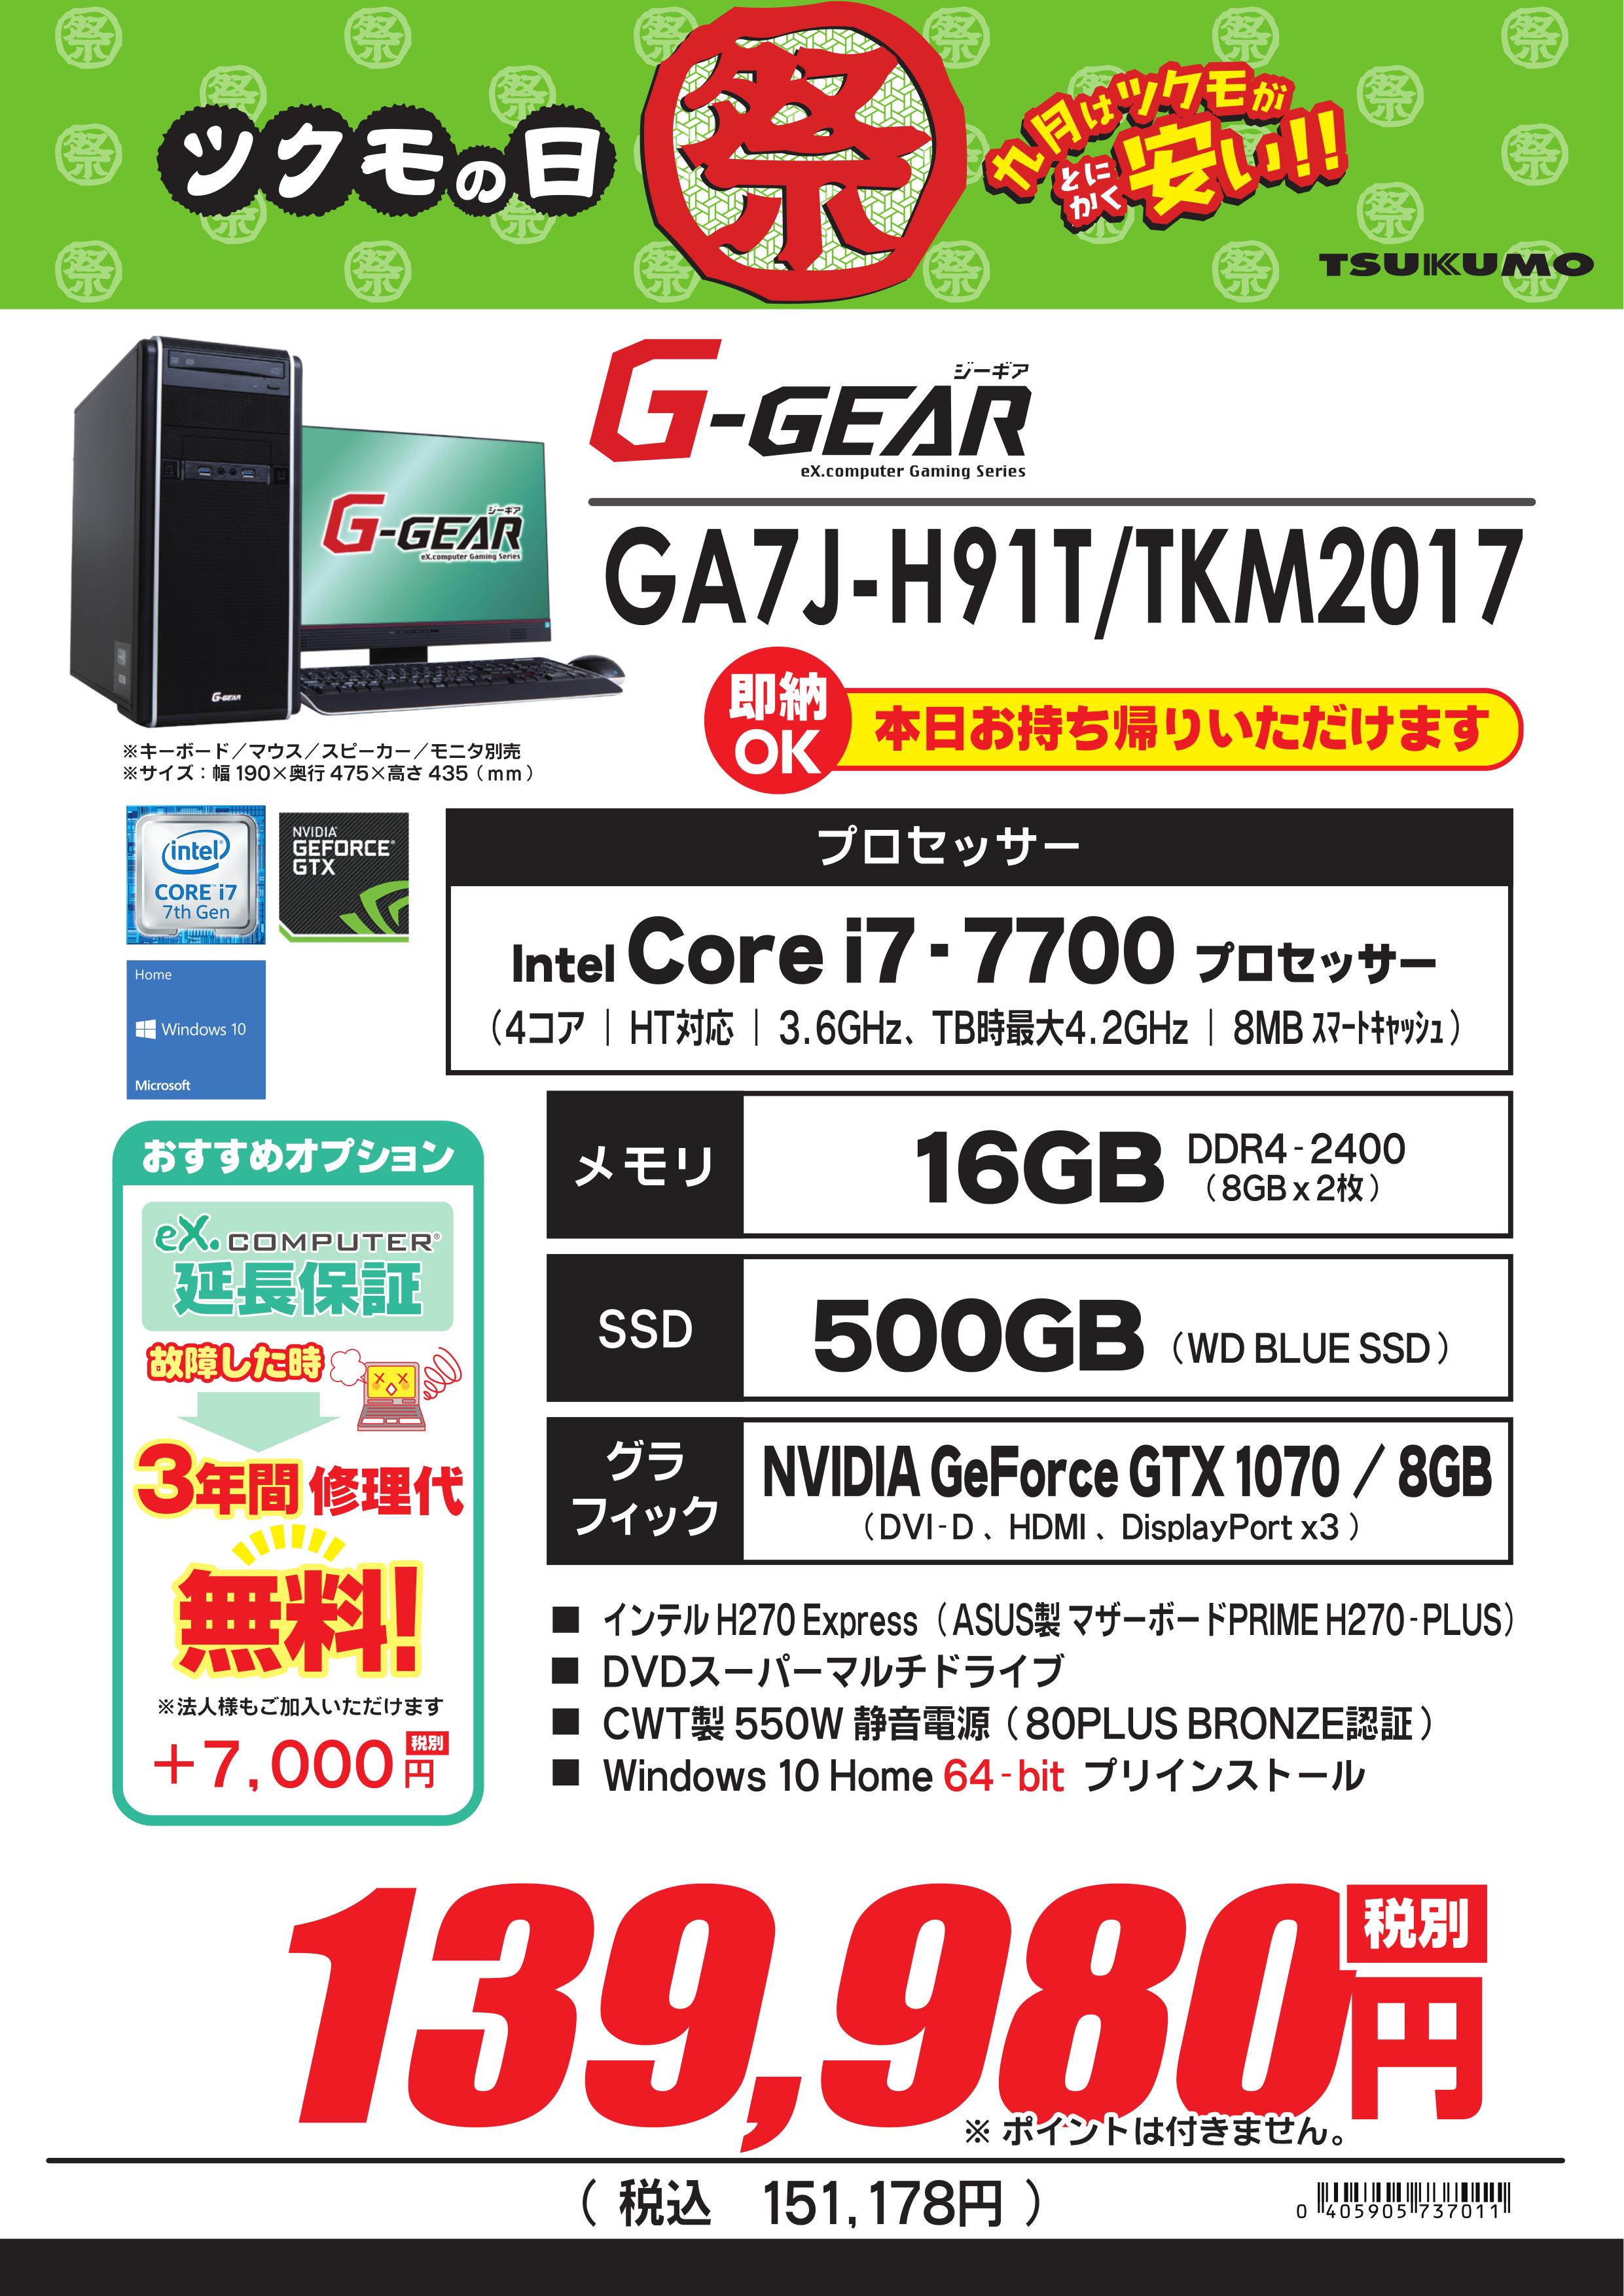 GA7J-H91T_TKM2017_imgs-0001.png